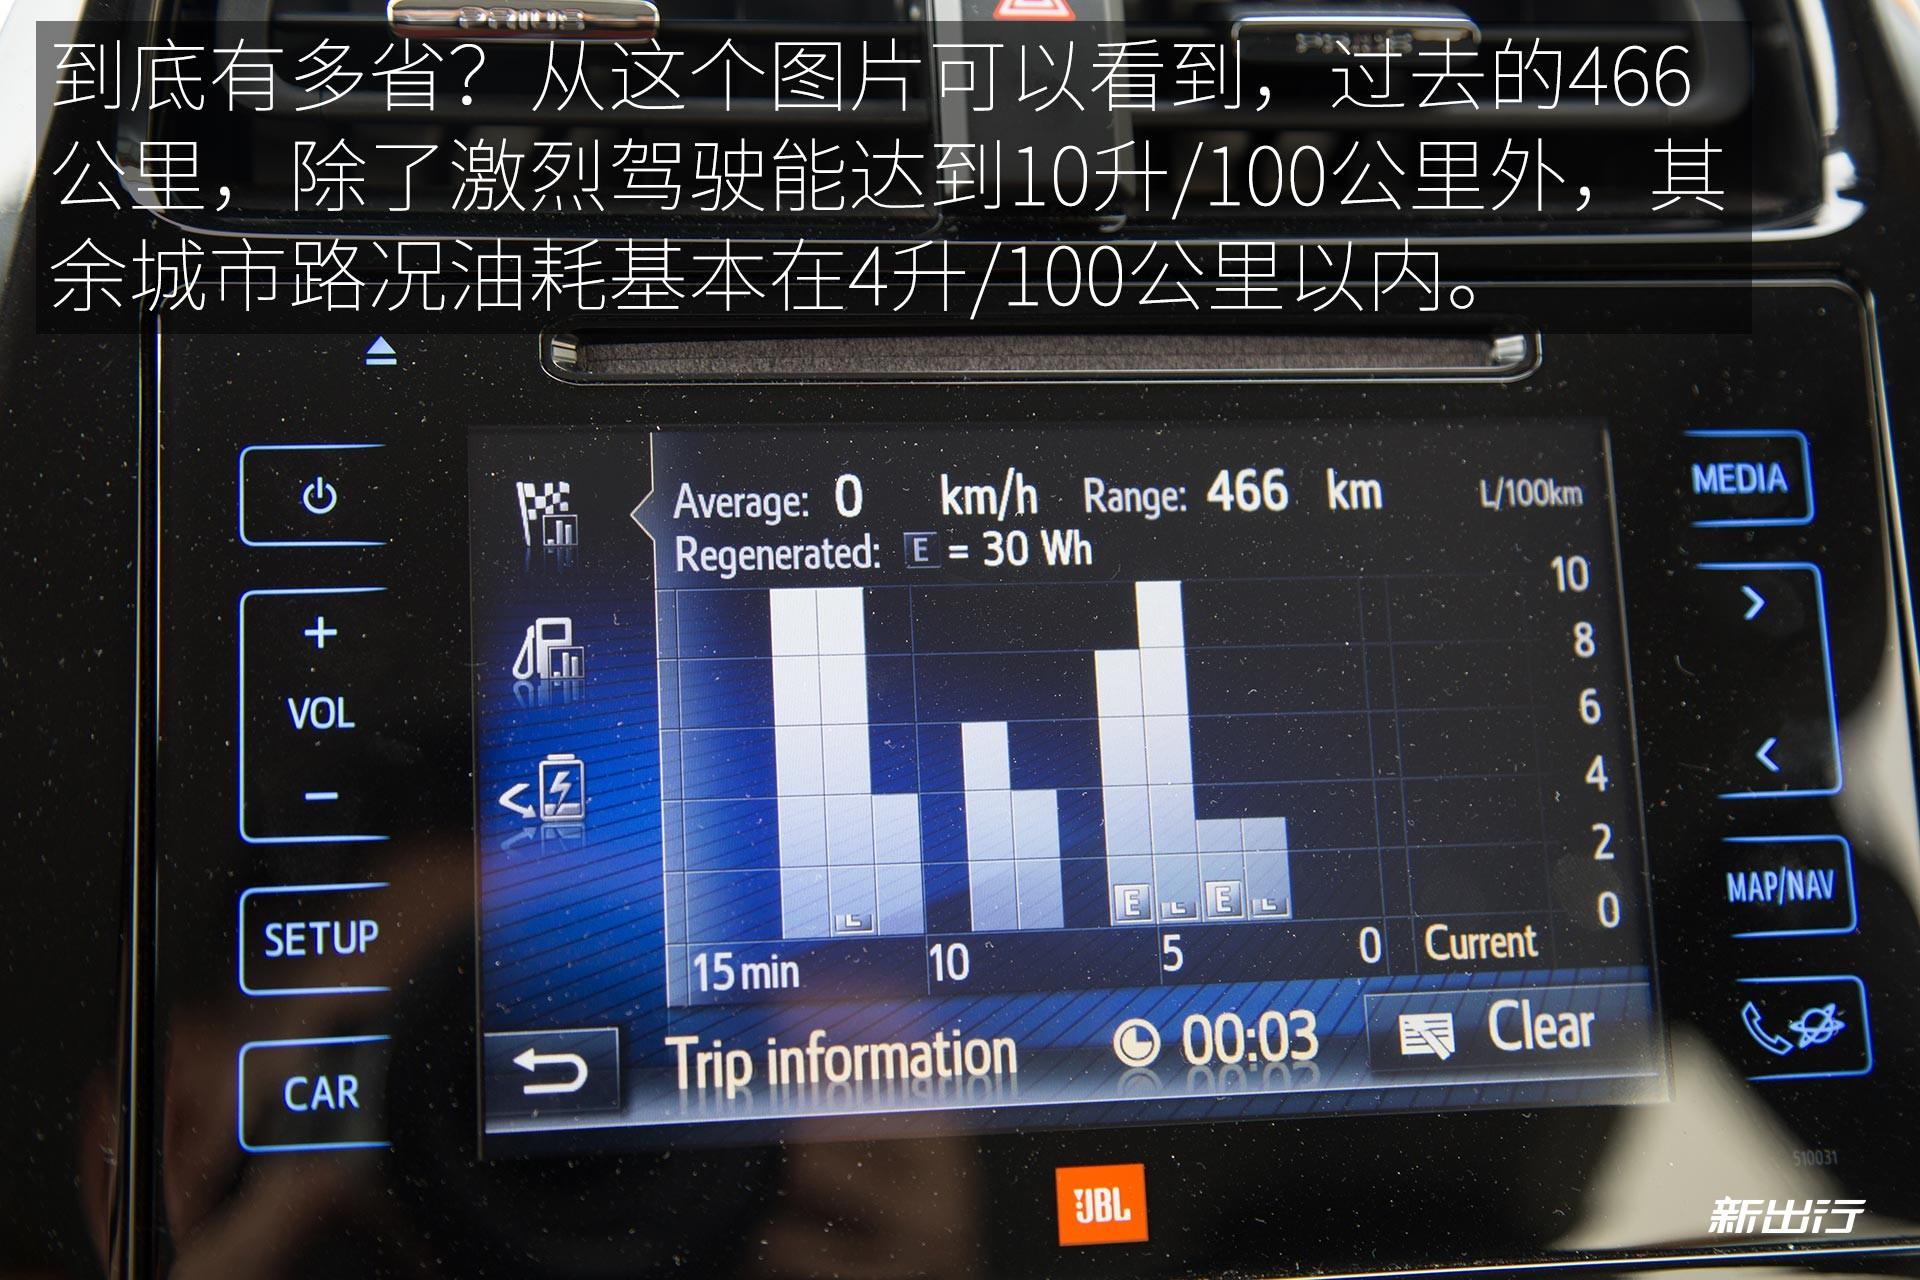 TOYOTA_Prius_4th_NS_14_01.jpg